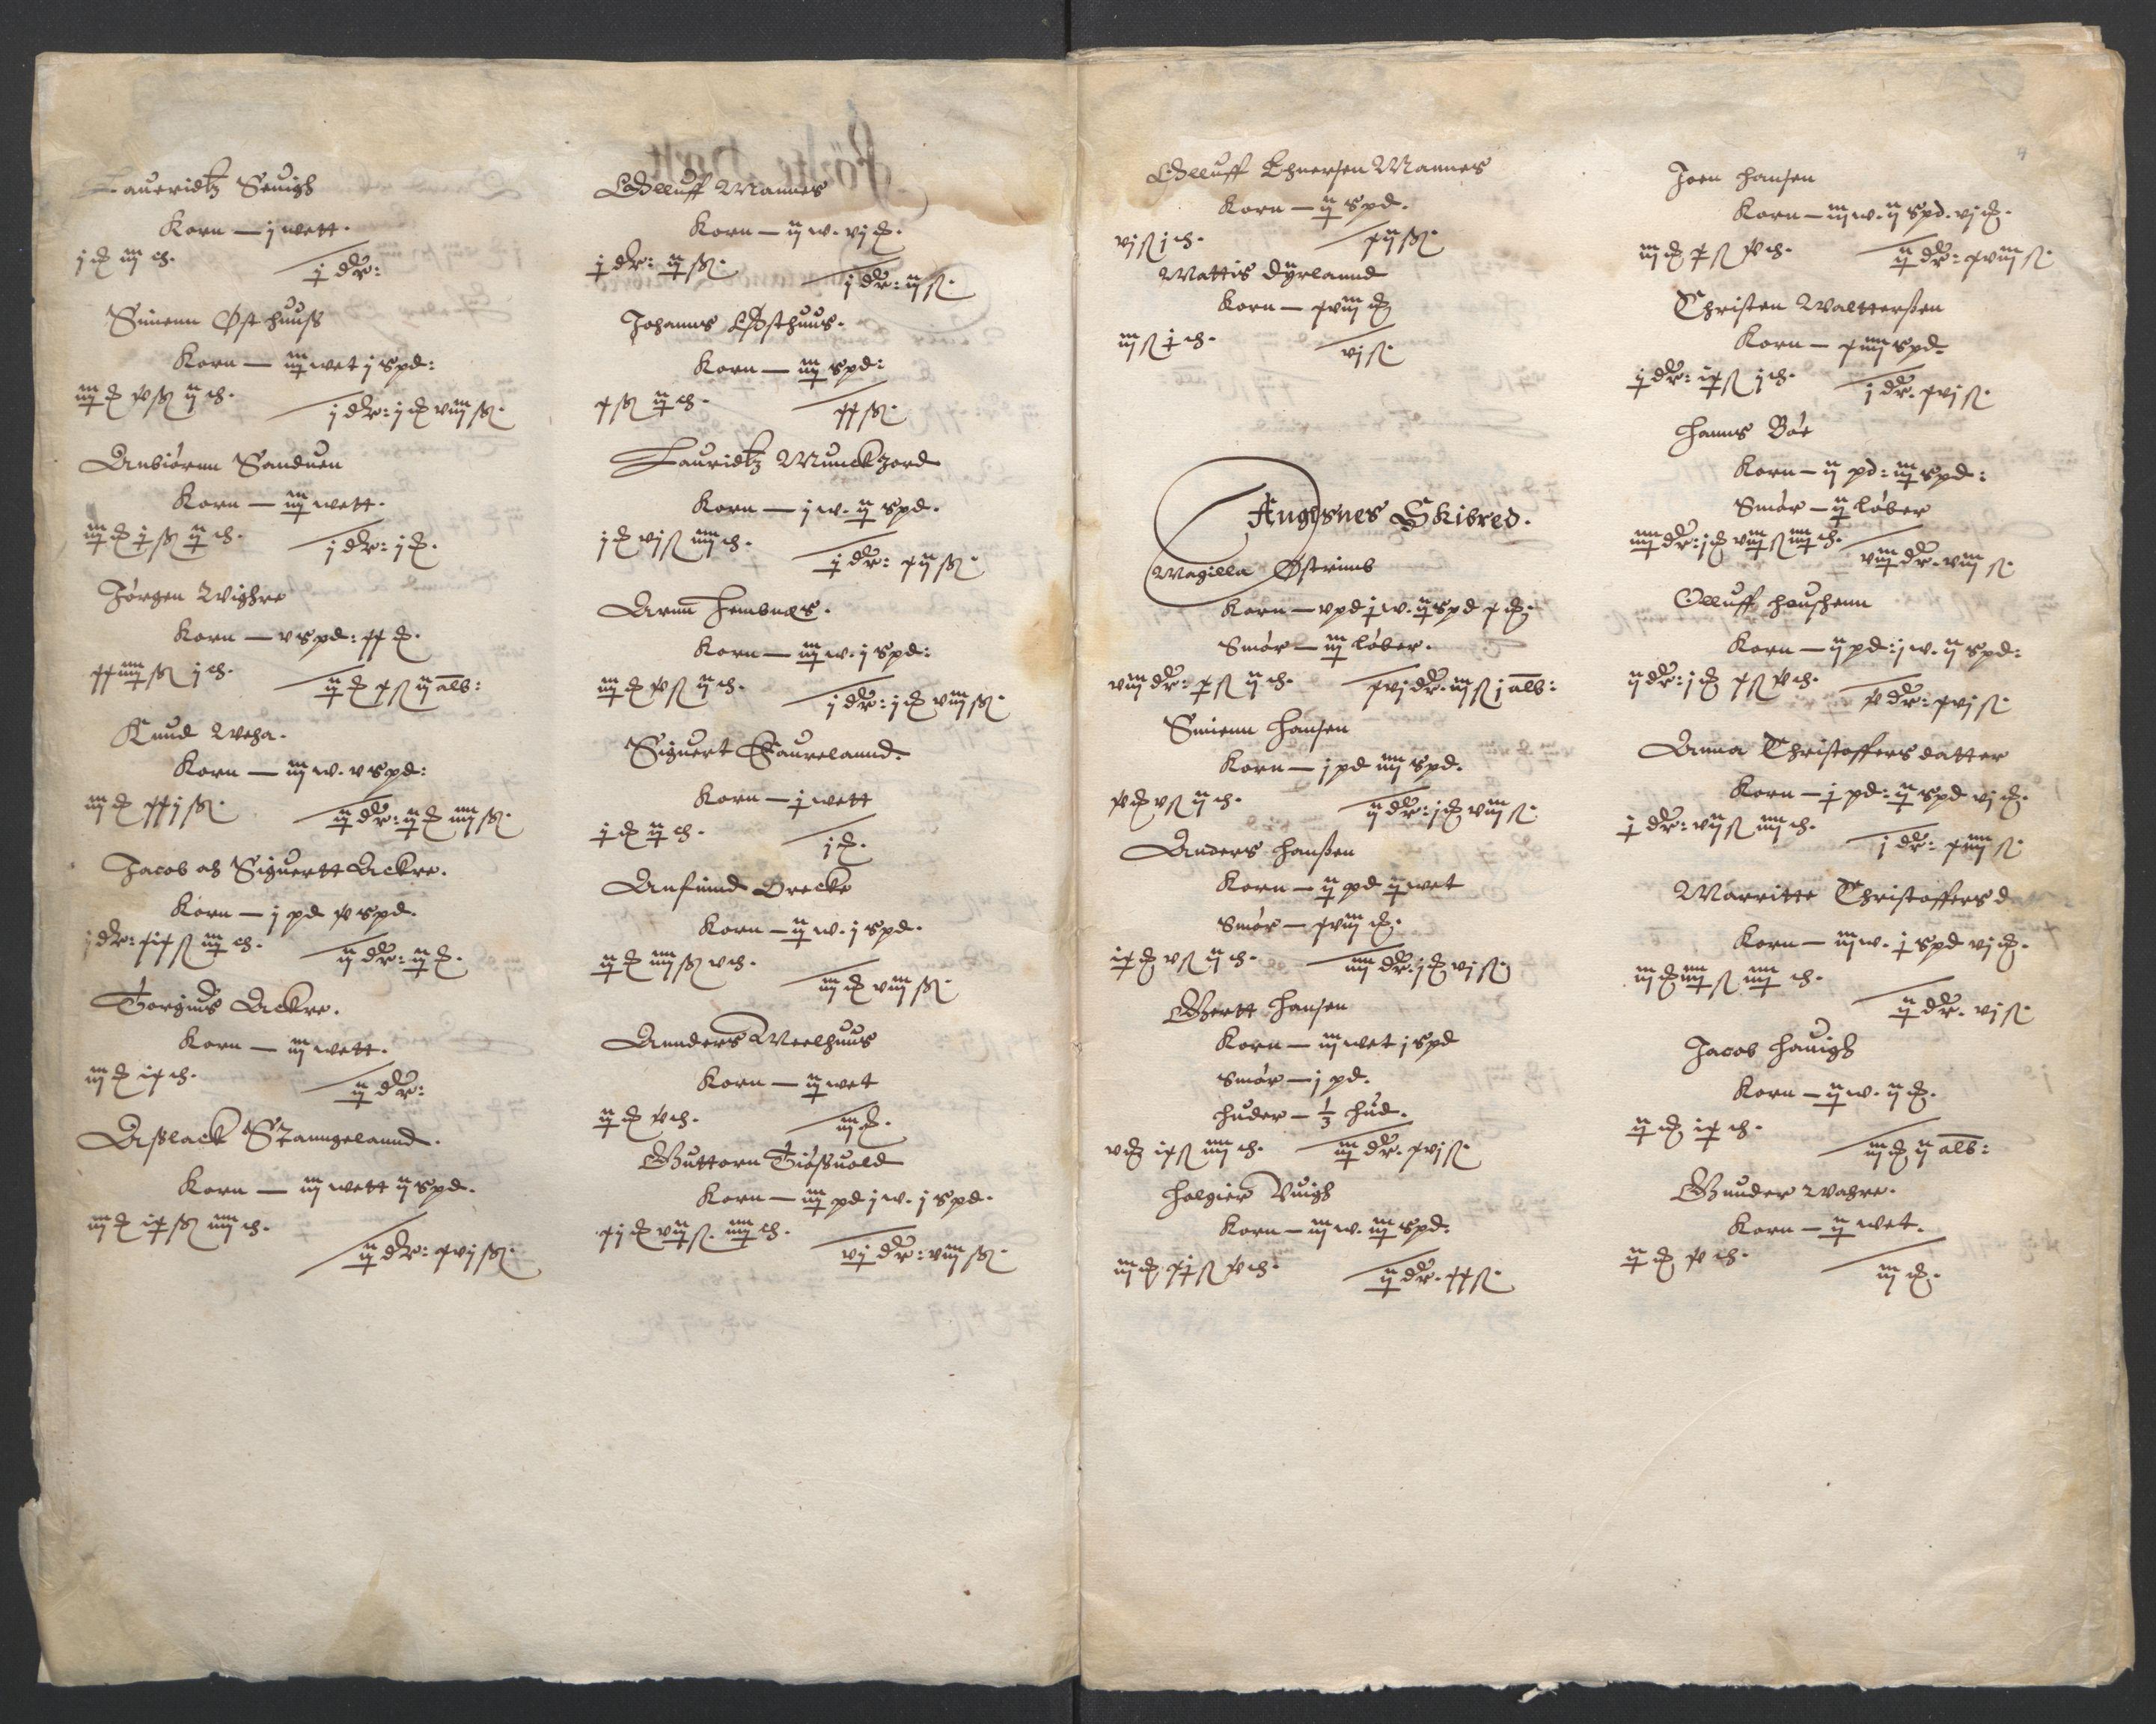 RA, Stattholderembetet 1572-1771, Ek/L0010: Jordebøker til utlikning av rosstjeneste 1624-1626:, 1624-1626, s. 69